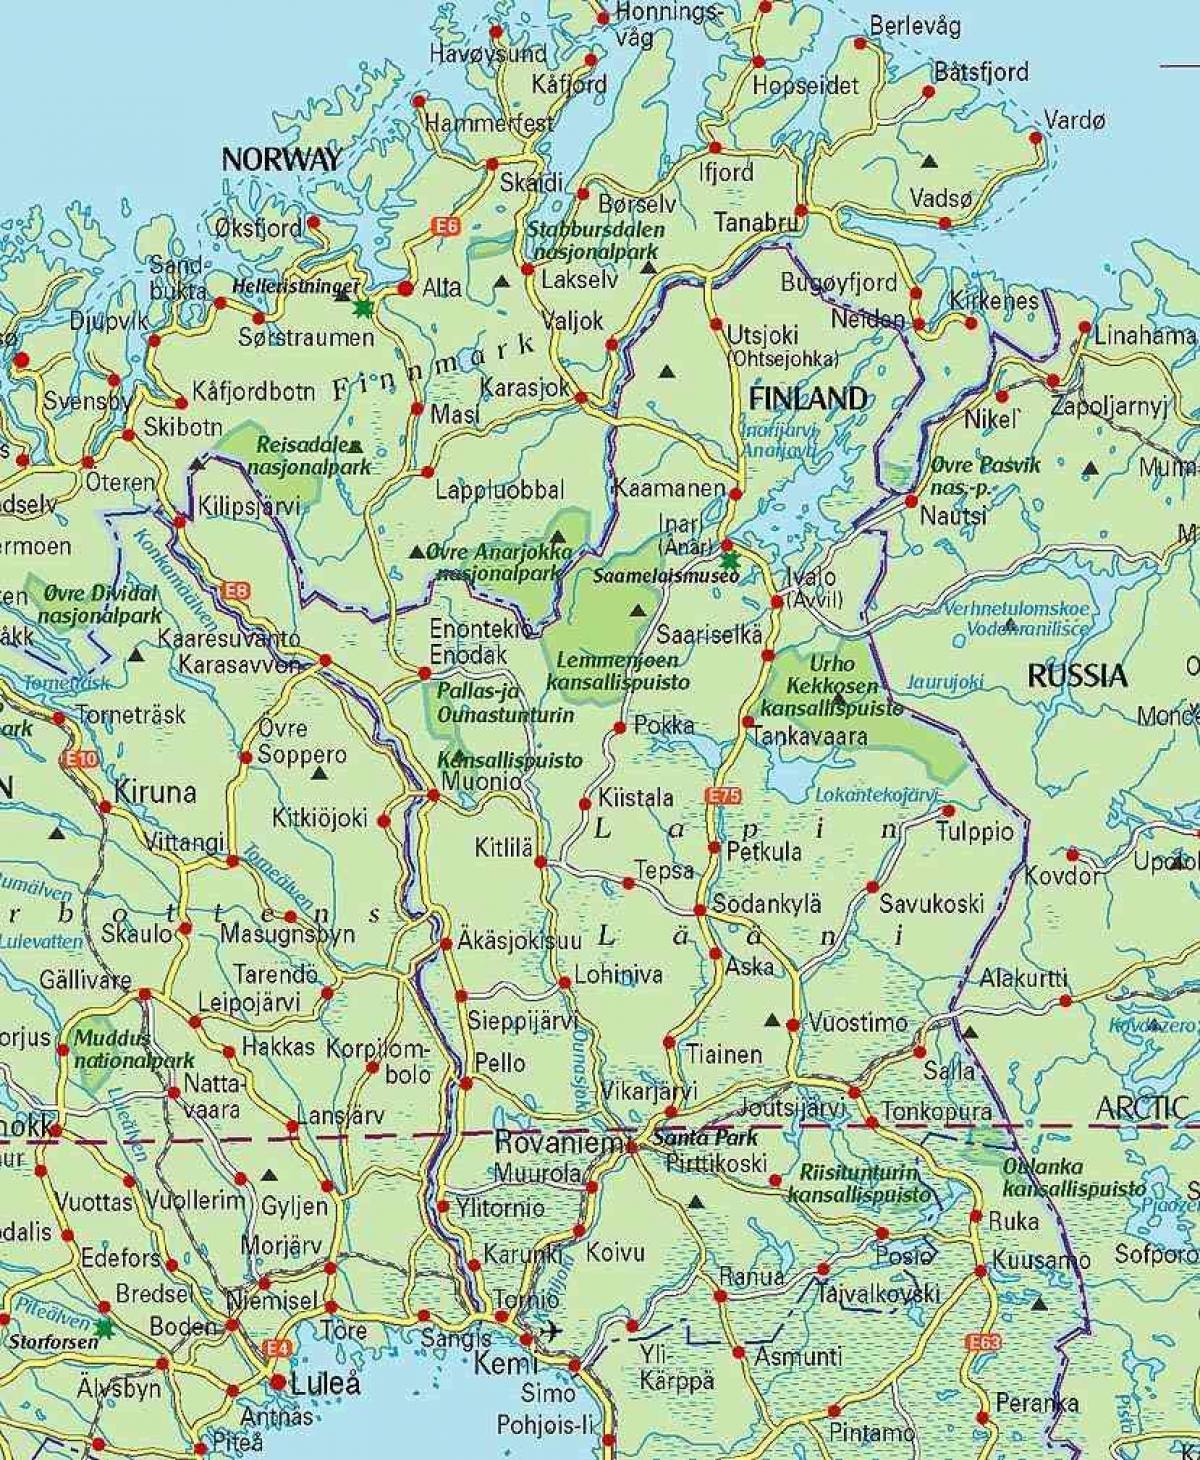 Lappland Karte.Lappland Finnland Map Karte Von Finnland Und Lappland Nordeuropa